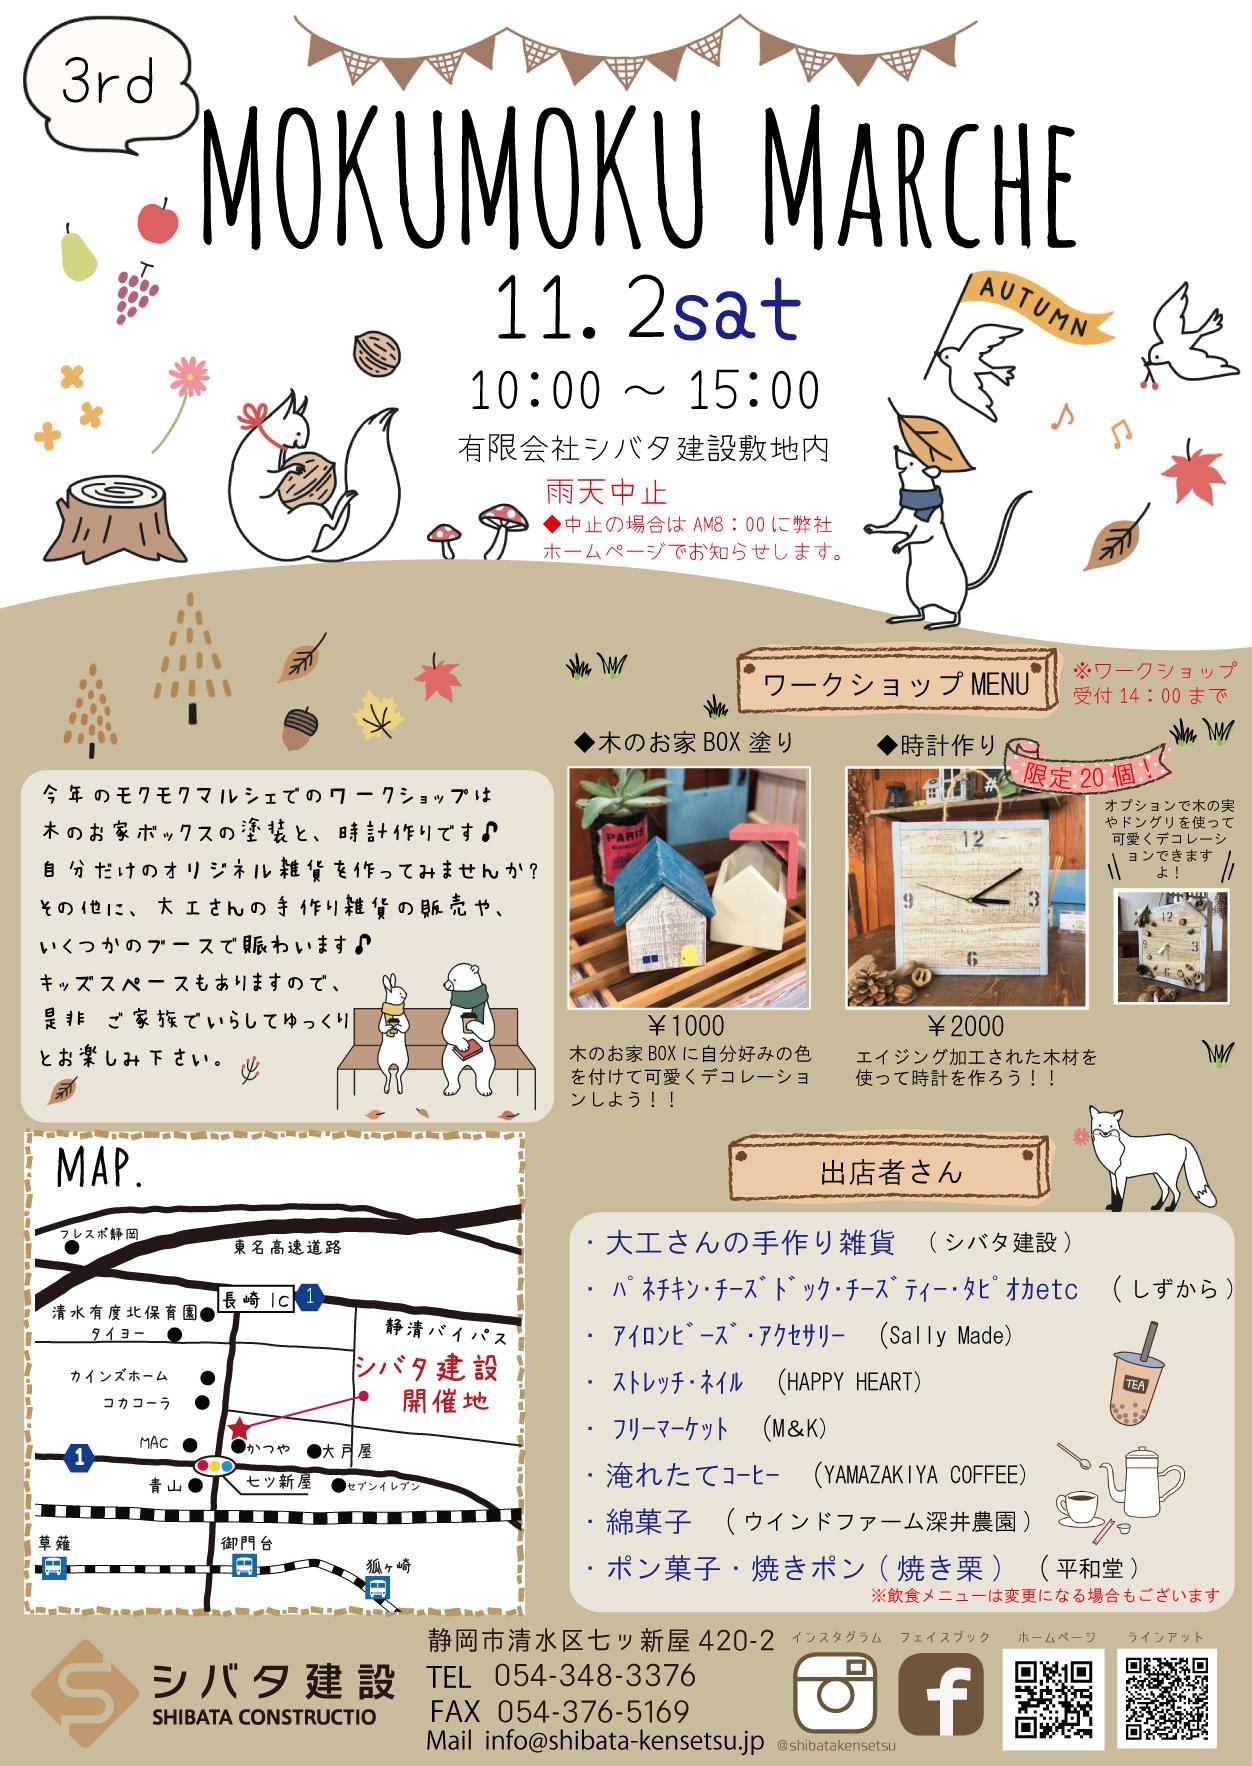 第3回 MOKUMOKU Marche(モクモクマルシェ)開催します